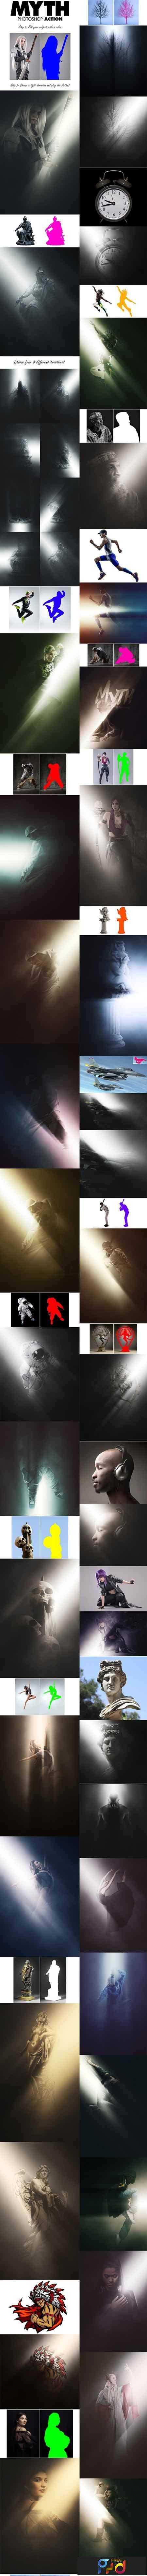 1804203 Myth Photoshop Action 15993056 1